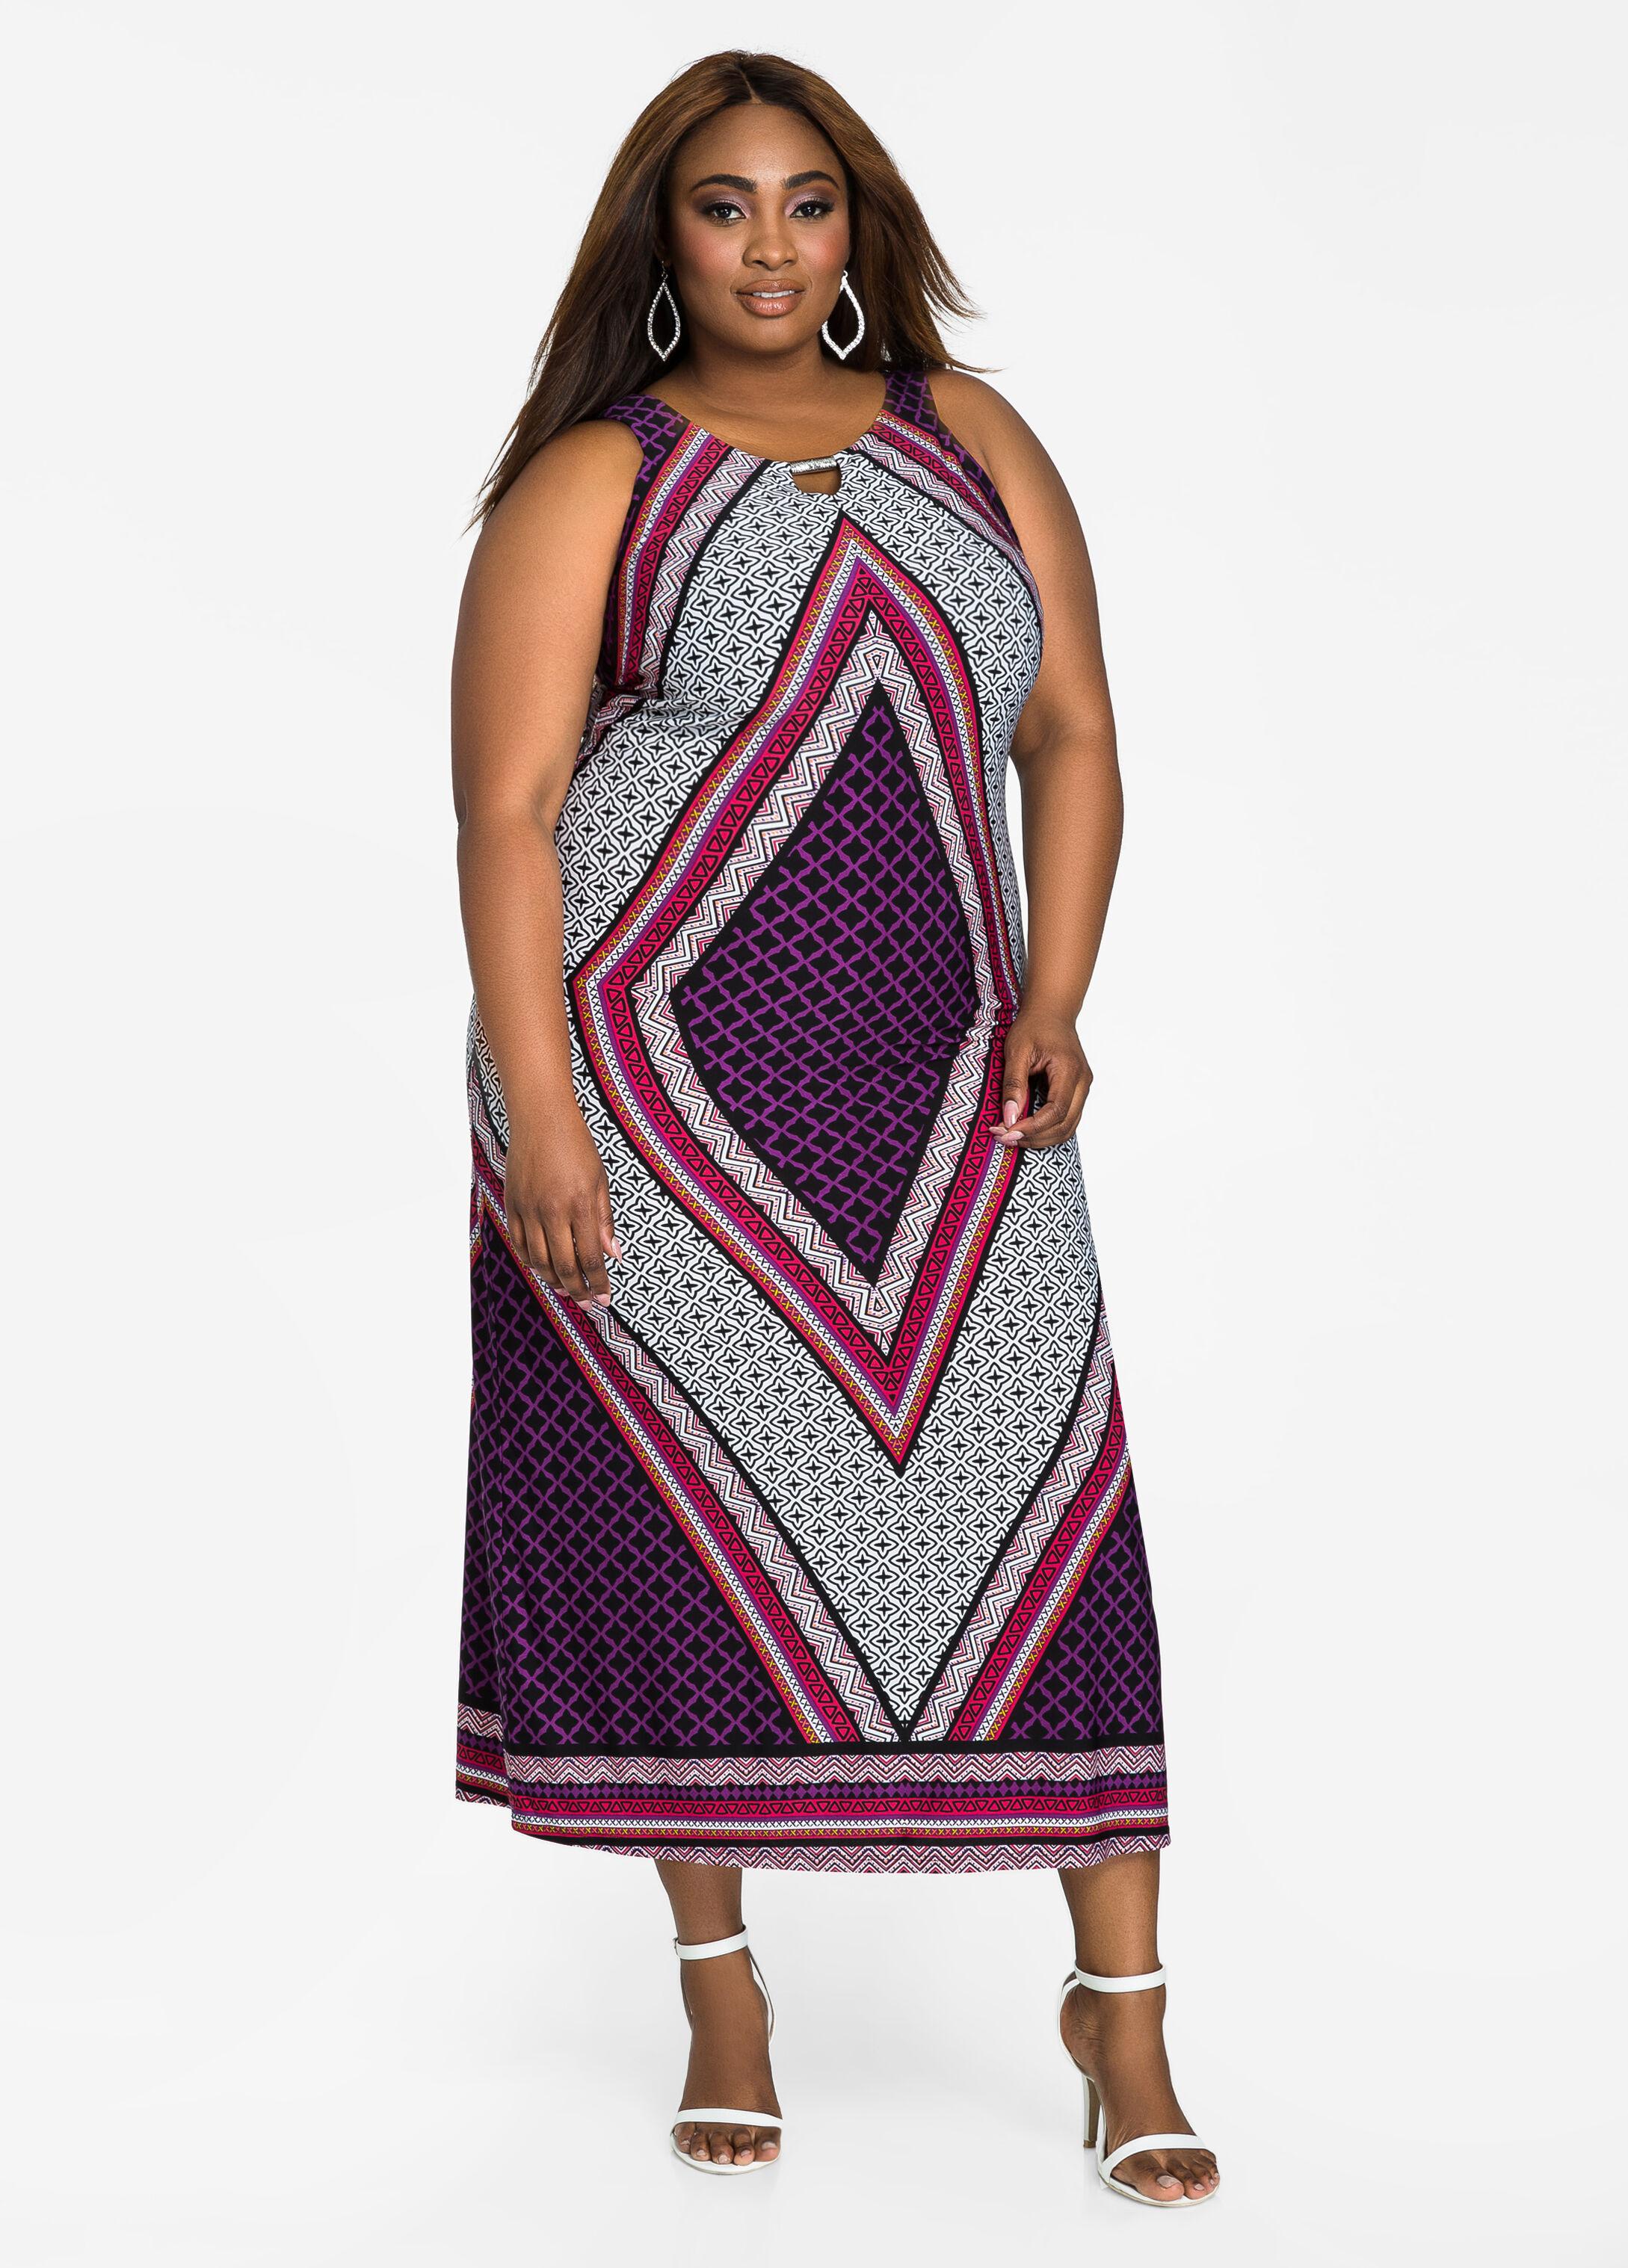 Plus Size Maxi Dress, Rompers | Plus Size Summer Dresses | Ashley ...